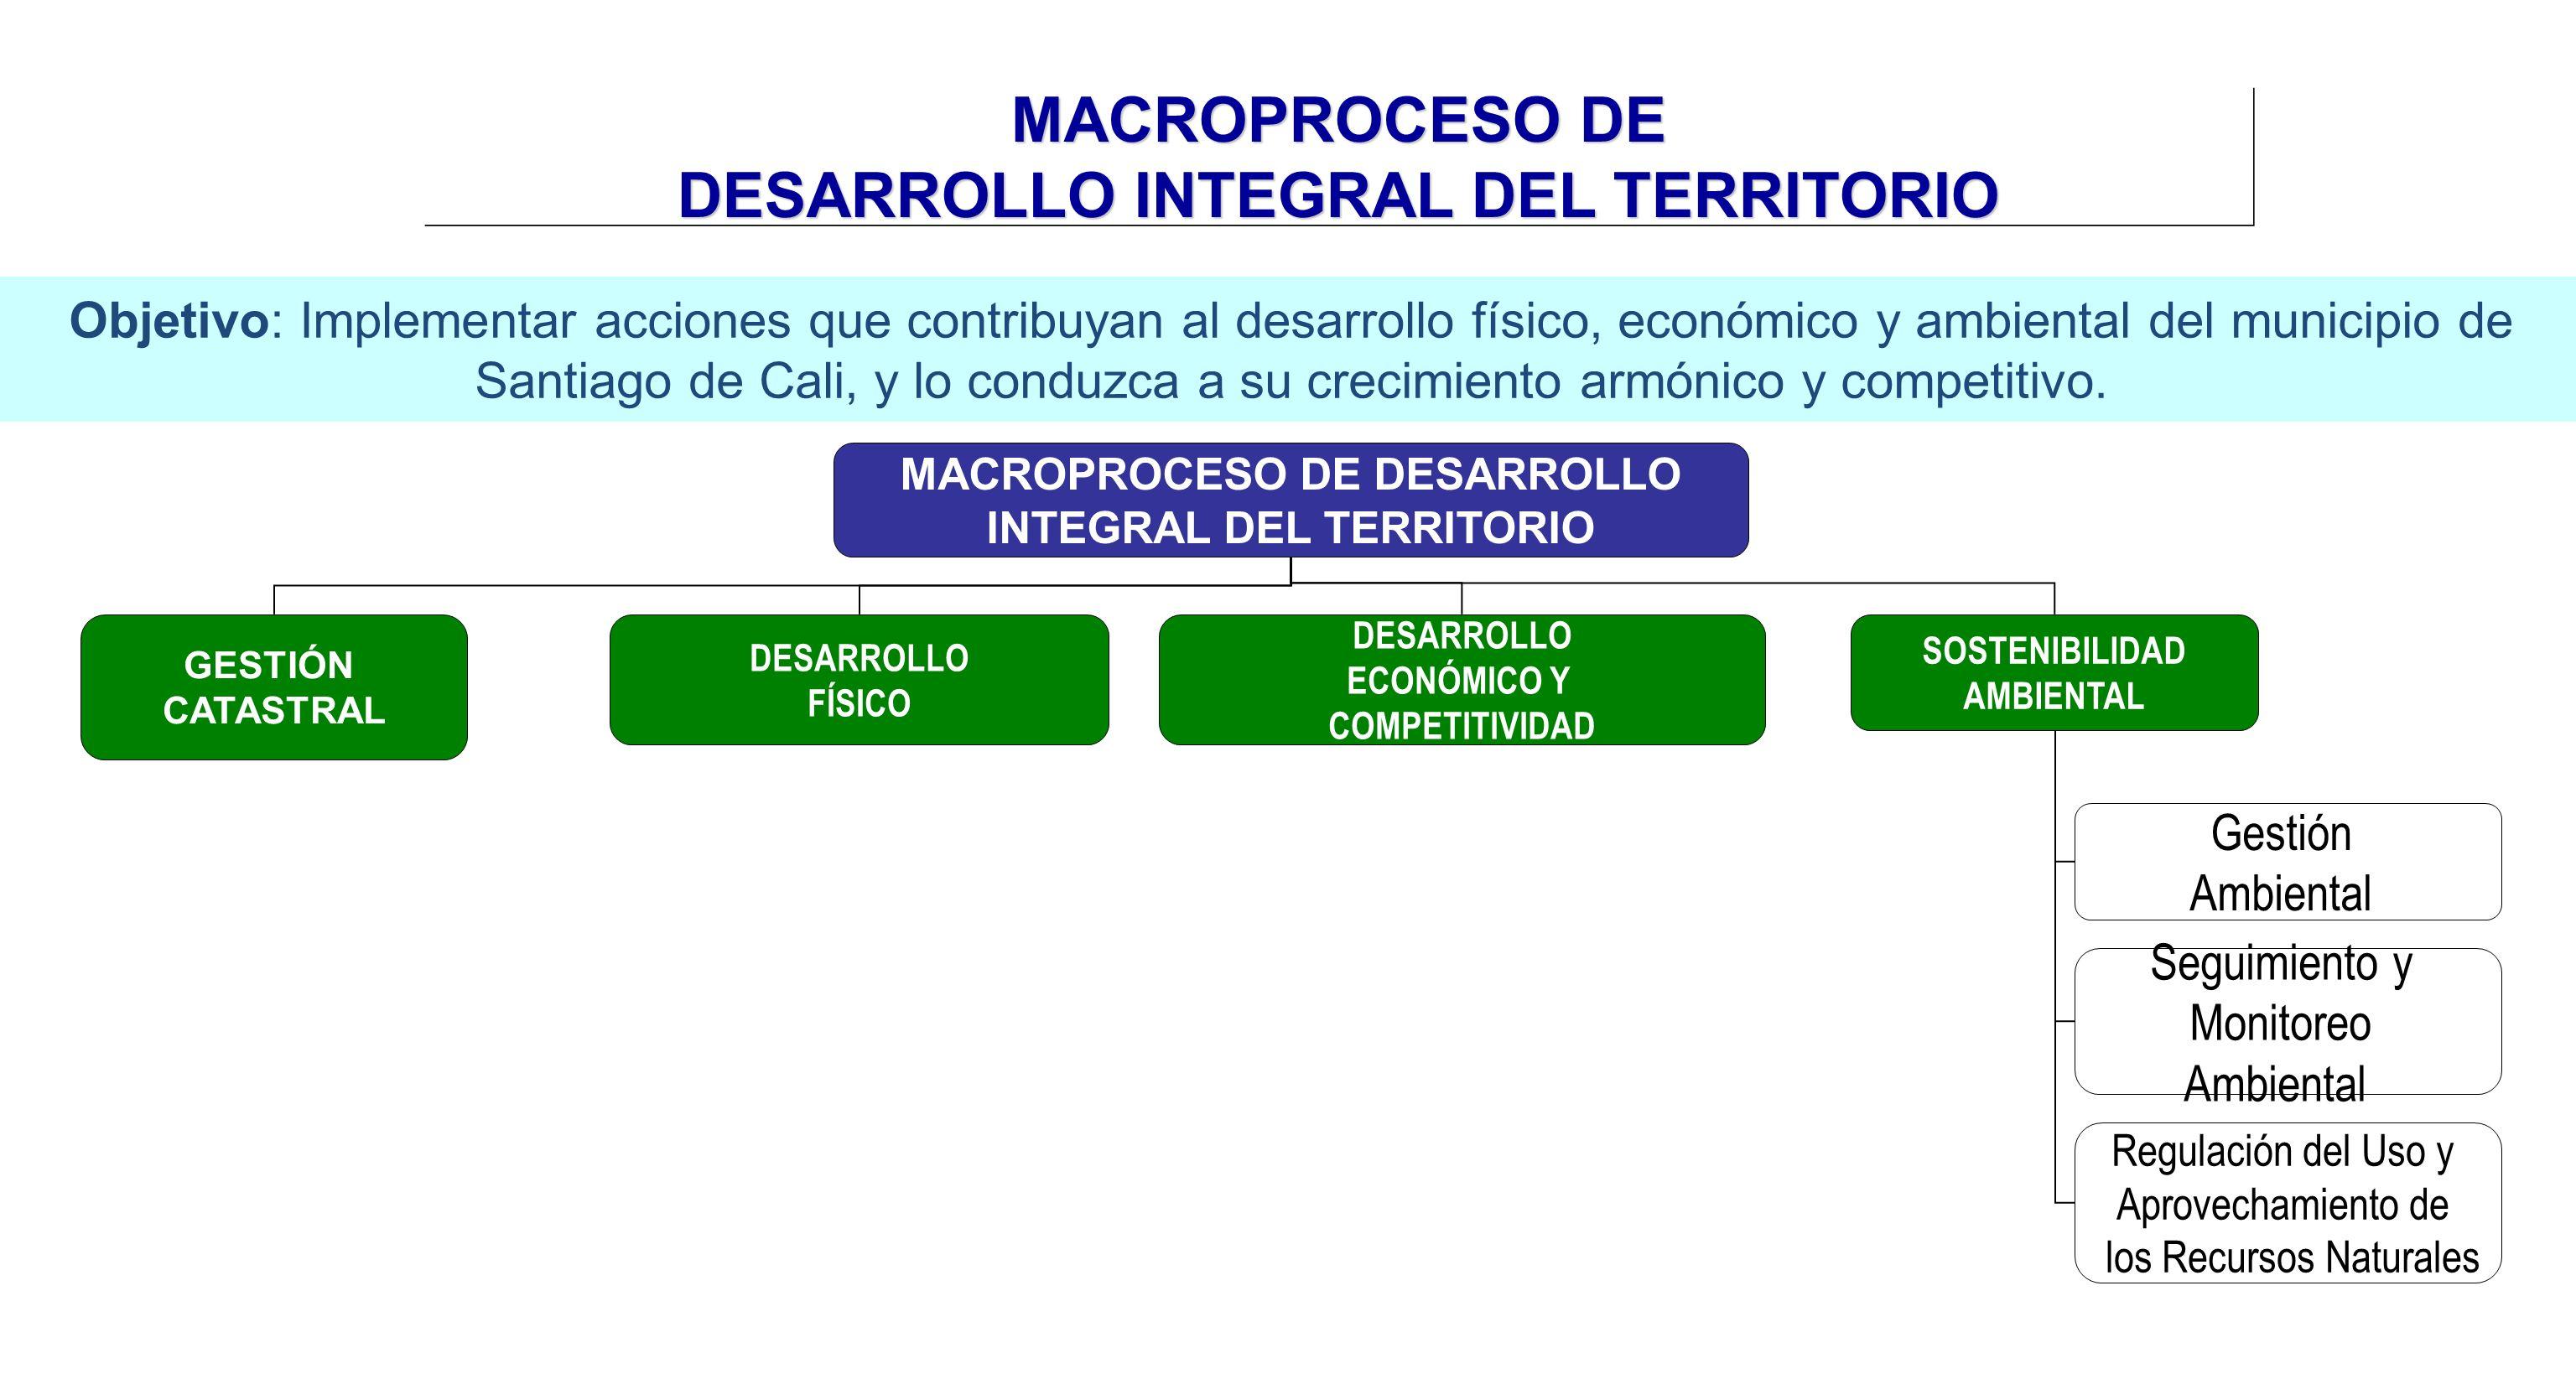 MACROPROCESO DE DESARROLLO INTEGRAL DEL TERRITORIO DESARROLLO ECONÓMICO Y COMPETITIVIDAD SOSTENIBILIDAD AMBIENTAL Gestión Ambiental Regulación del Uso